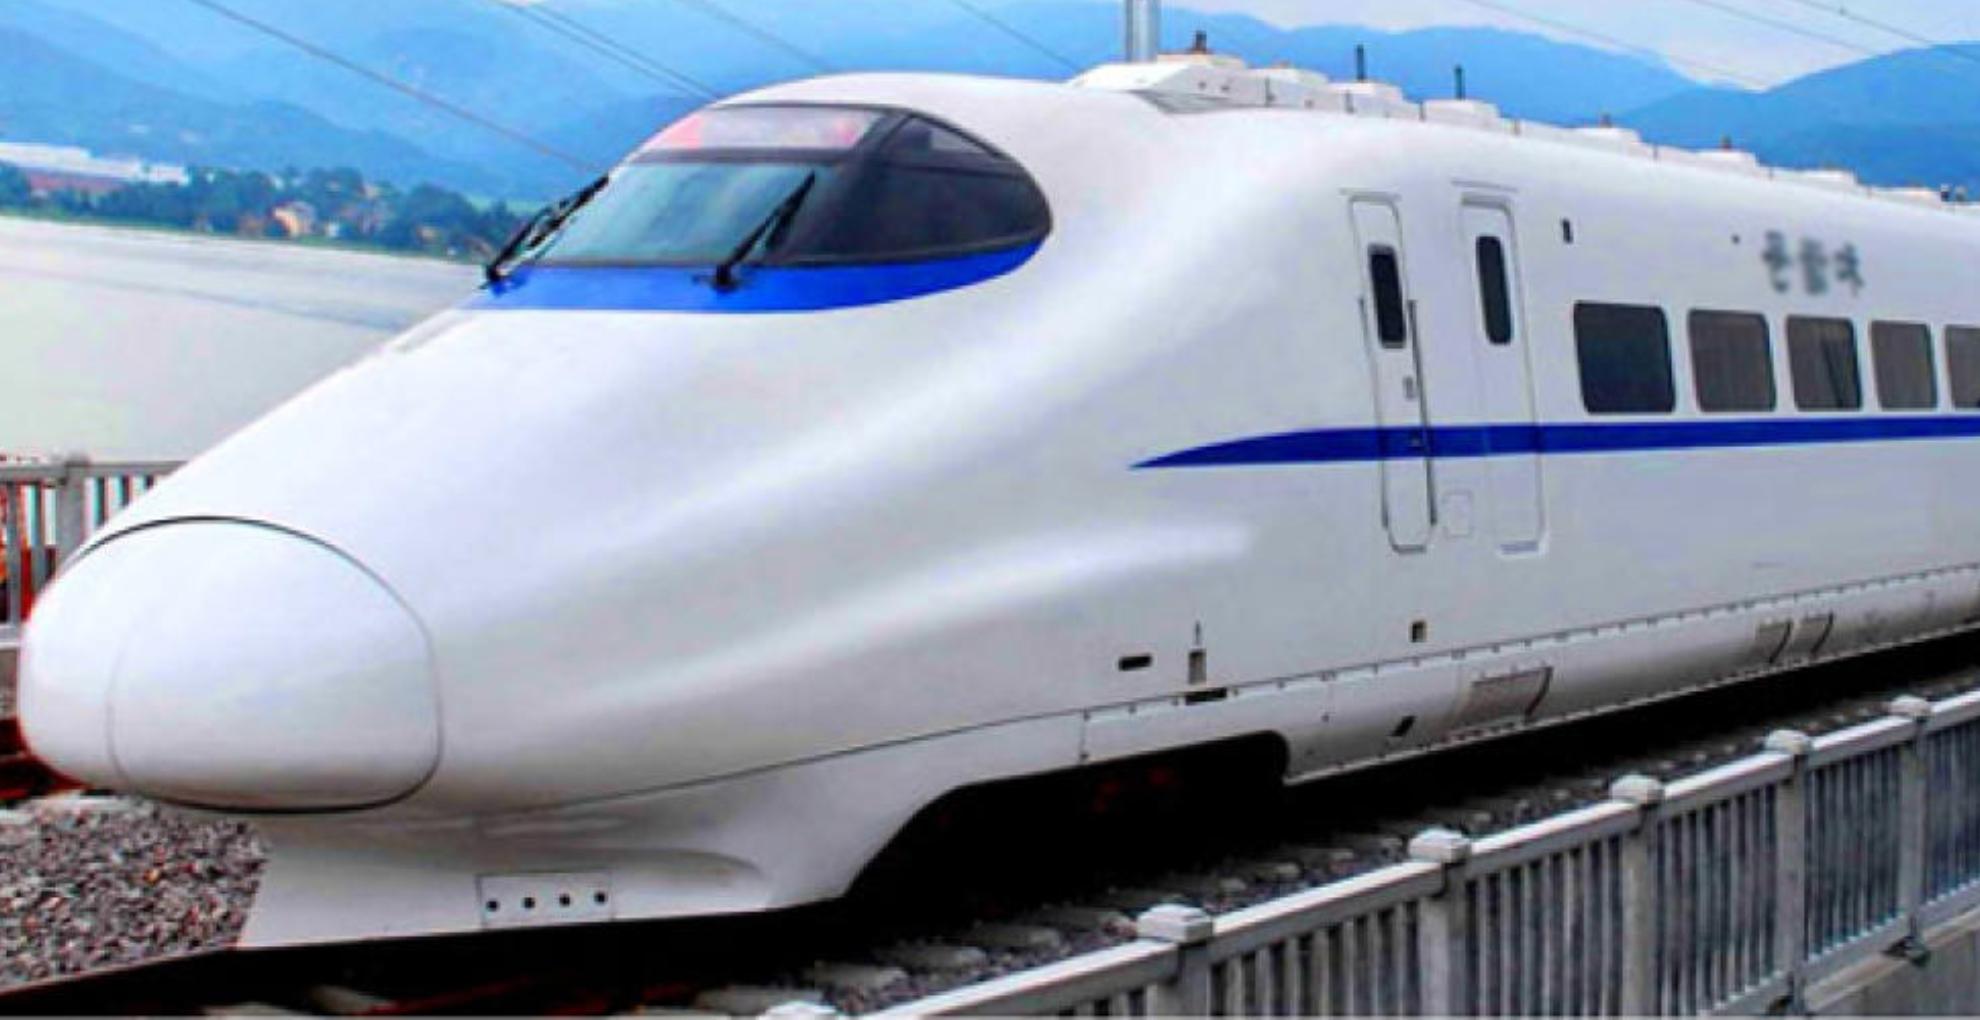 मुंबई और अहमदाबाद रूट पर इस साल दौड़ेगी बुलेट ट्रेन, सफर करने के लिए चुकाना होगा इतना किराया